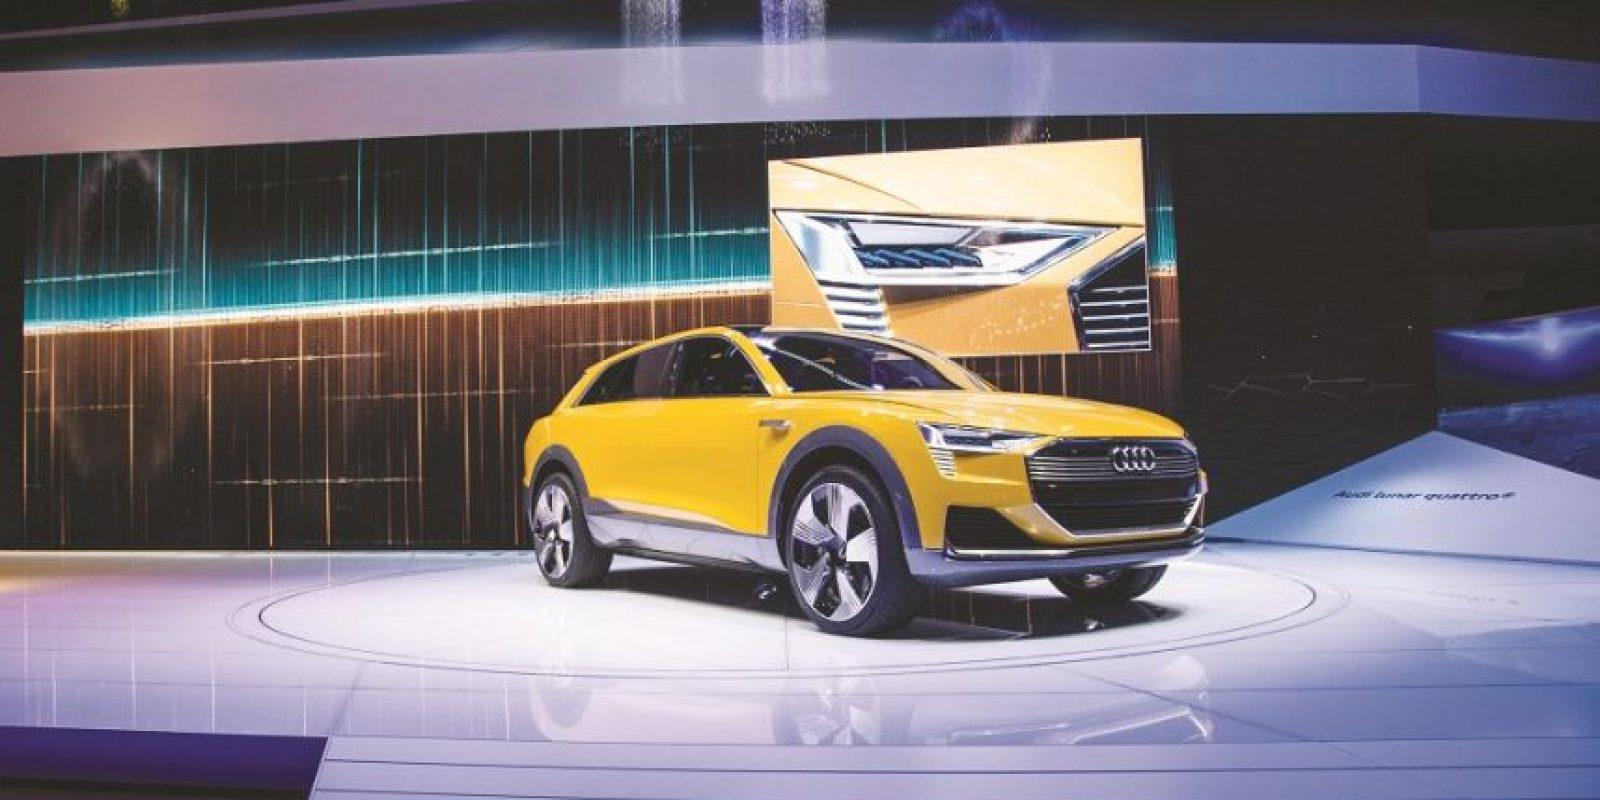 Audi h-tron concept. La casa de los cuatro aros simplemente se pasó con su propuesta de movilidad a base de pilas de hidrógeno. Este SUV eléctrico es uno de los que más han levantado expectativas, ya que la naturaleza de sus baterías promete más durabilidad y menos impacto al ambiente.Su autonomía podría alcanzar 600 kilómetros, impulsado por dos motores eléctricos, además de presentar los grupos ópticos más recientes de Audi, es decir, las luces Láser LED, al frente y OLED detrás. Habrá que esperar un tiempo aún, pero este avance de Audi es muy prometedor en materia de alternativas muy ambientales y tecnológicas. Foto:Fuente Externa